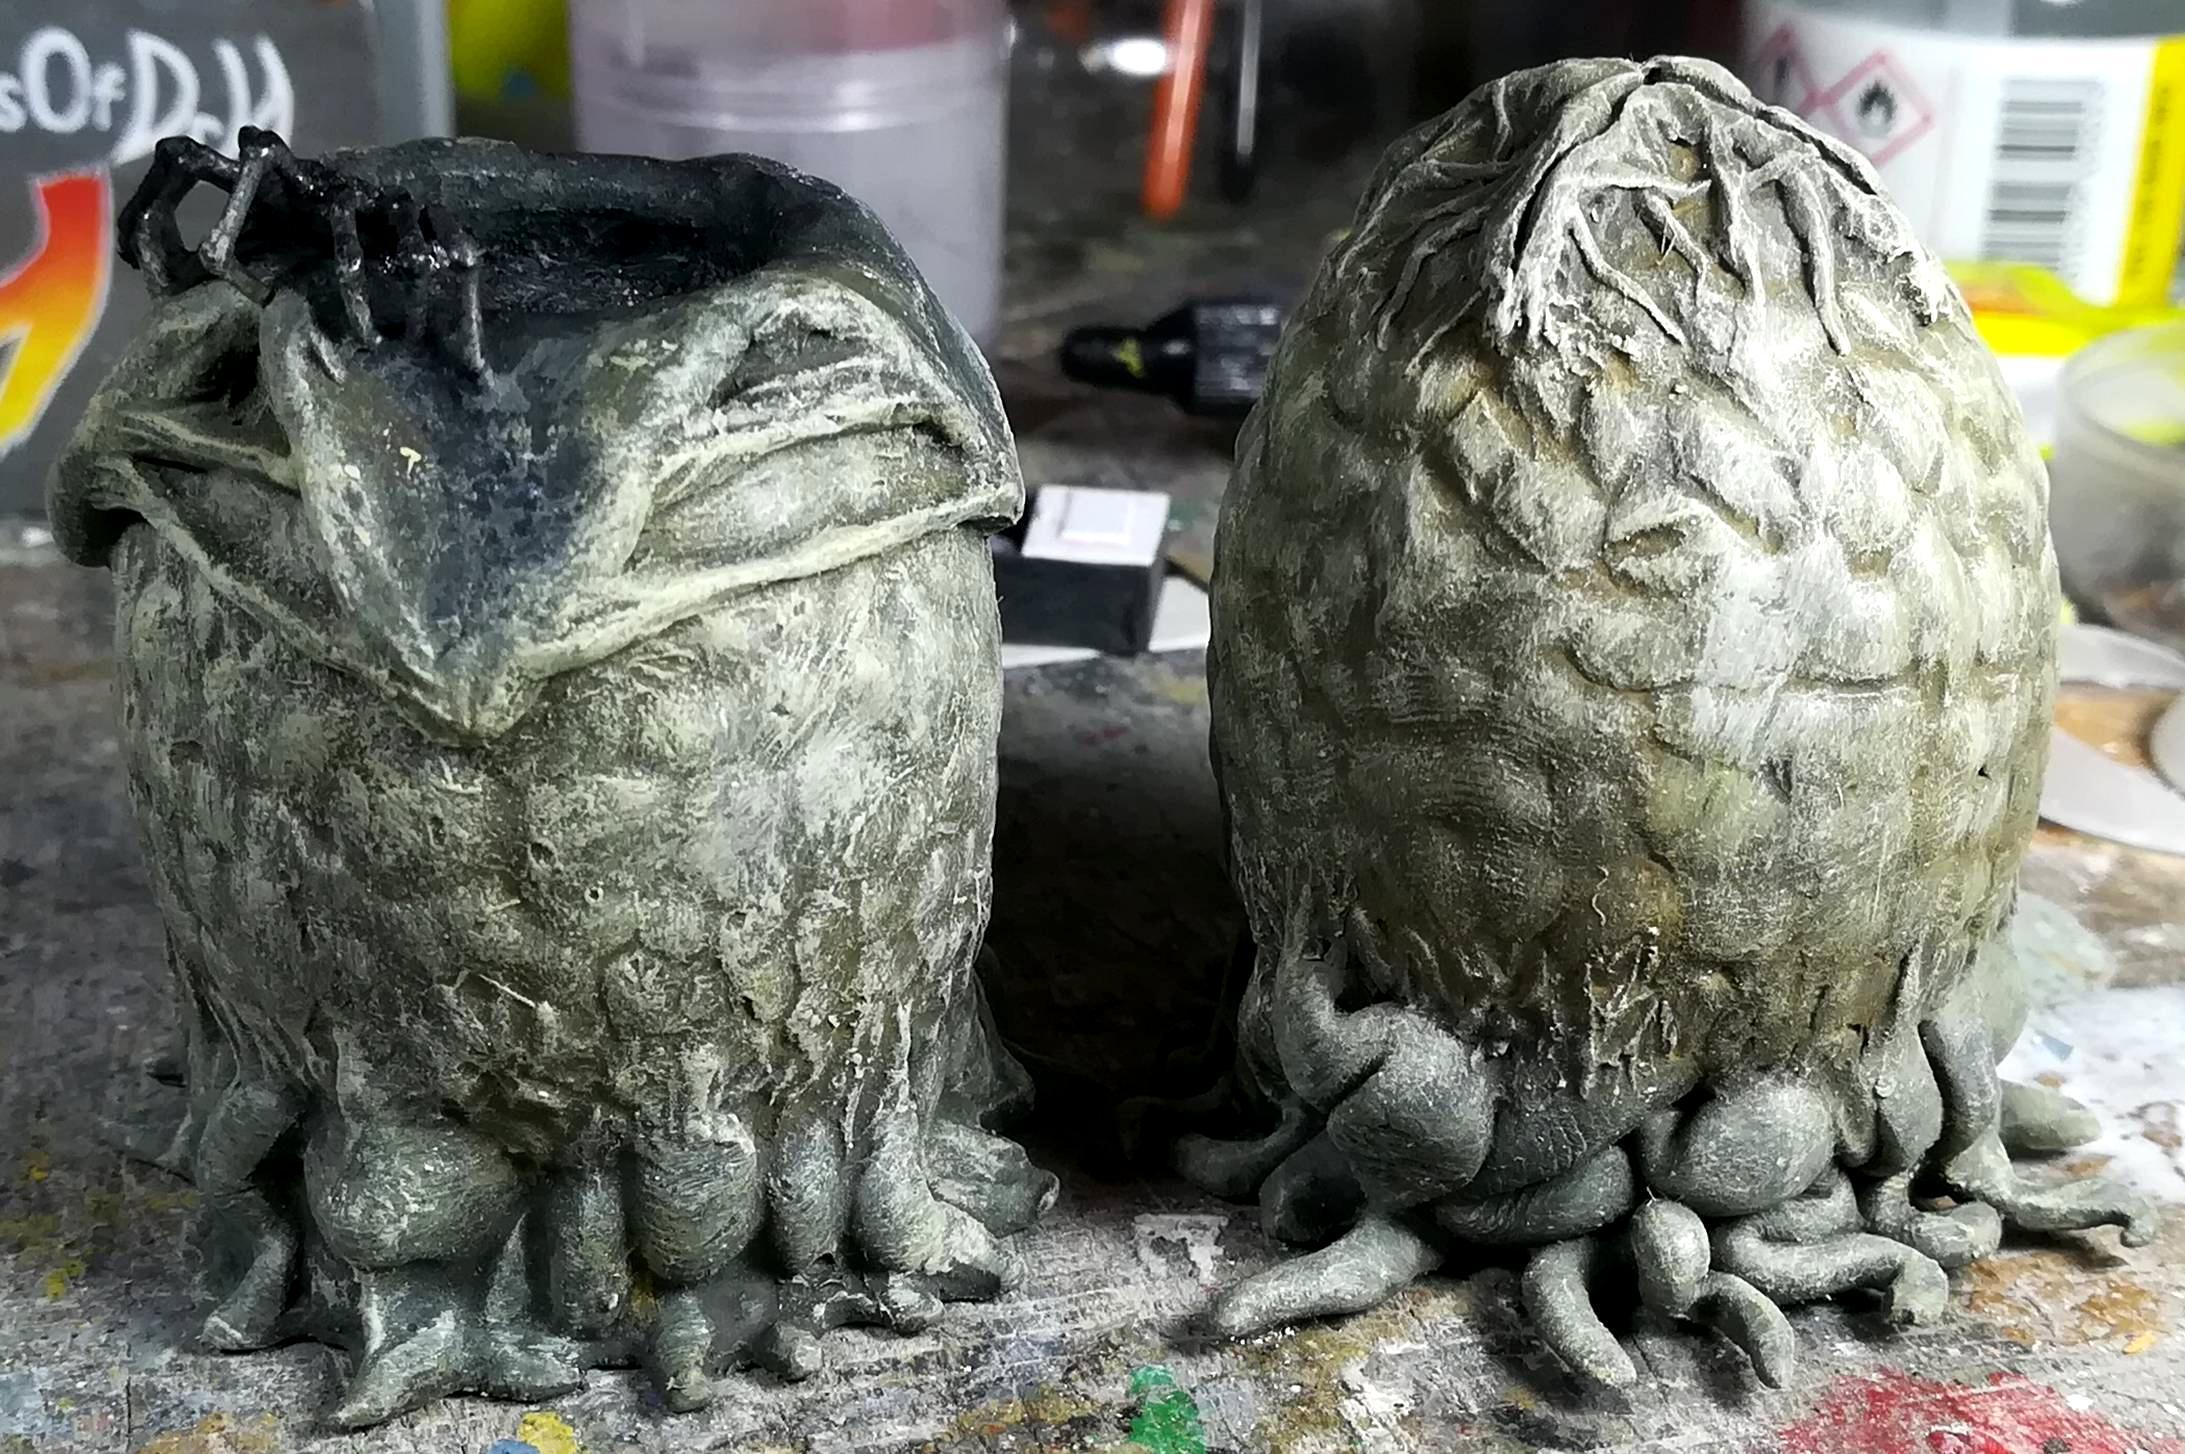 Eggs pip 2